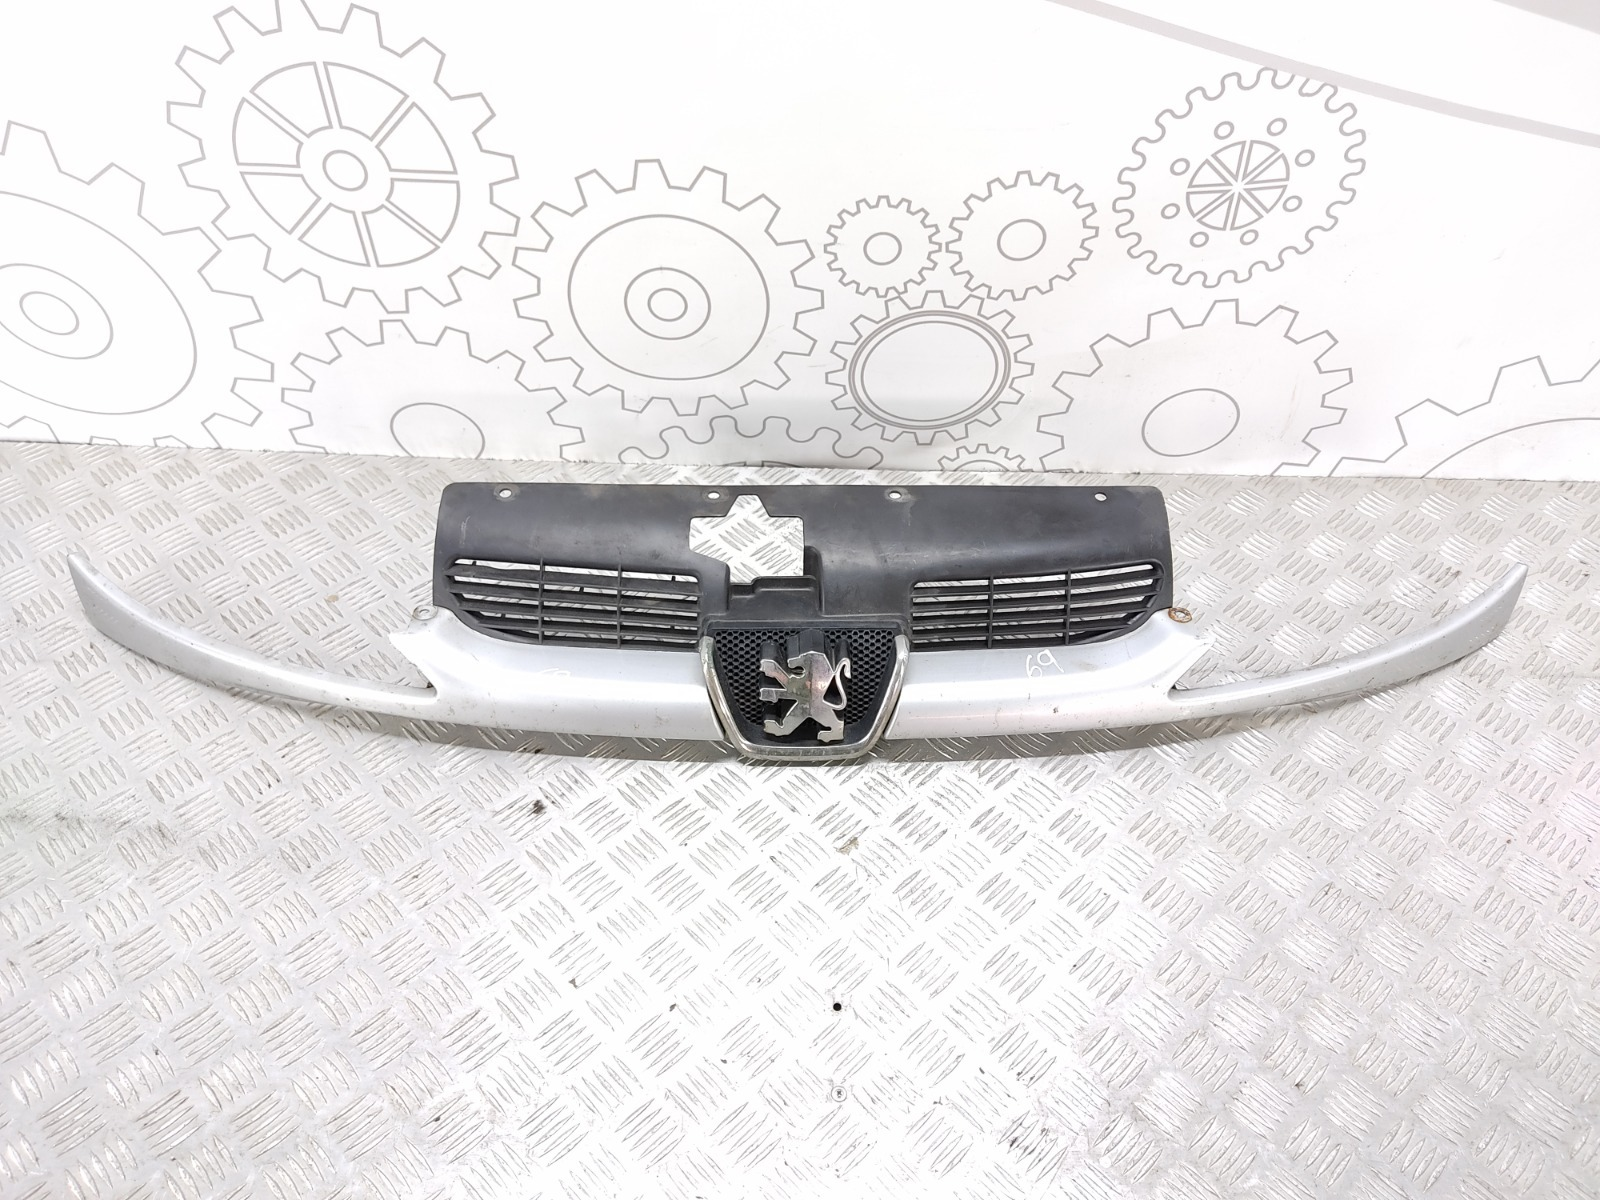 Решетка радиатора Peugeot 206 1.4 HDI 2005 (б/у)